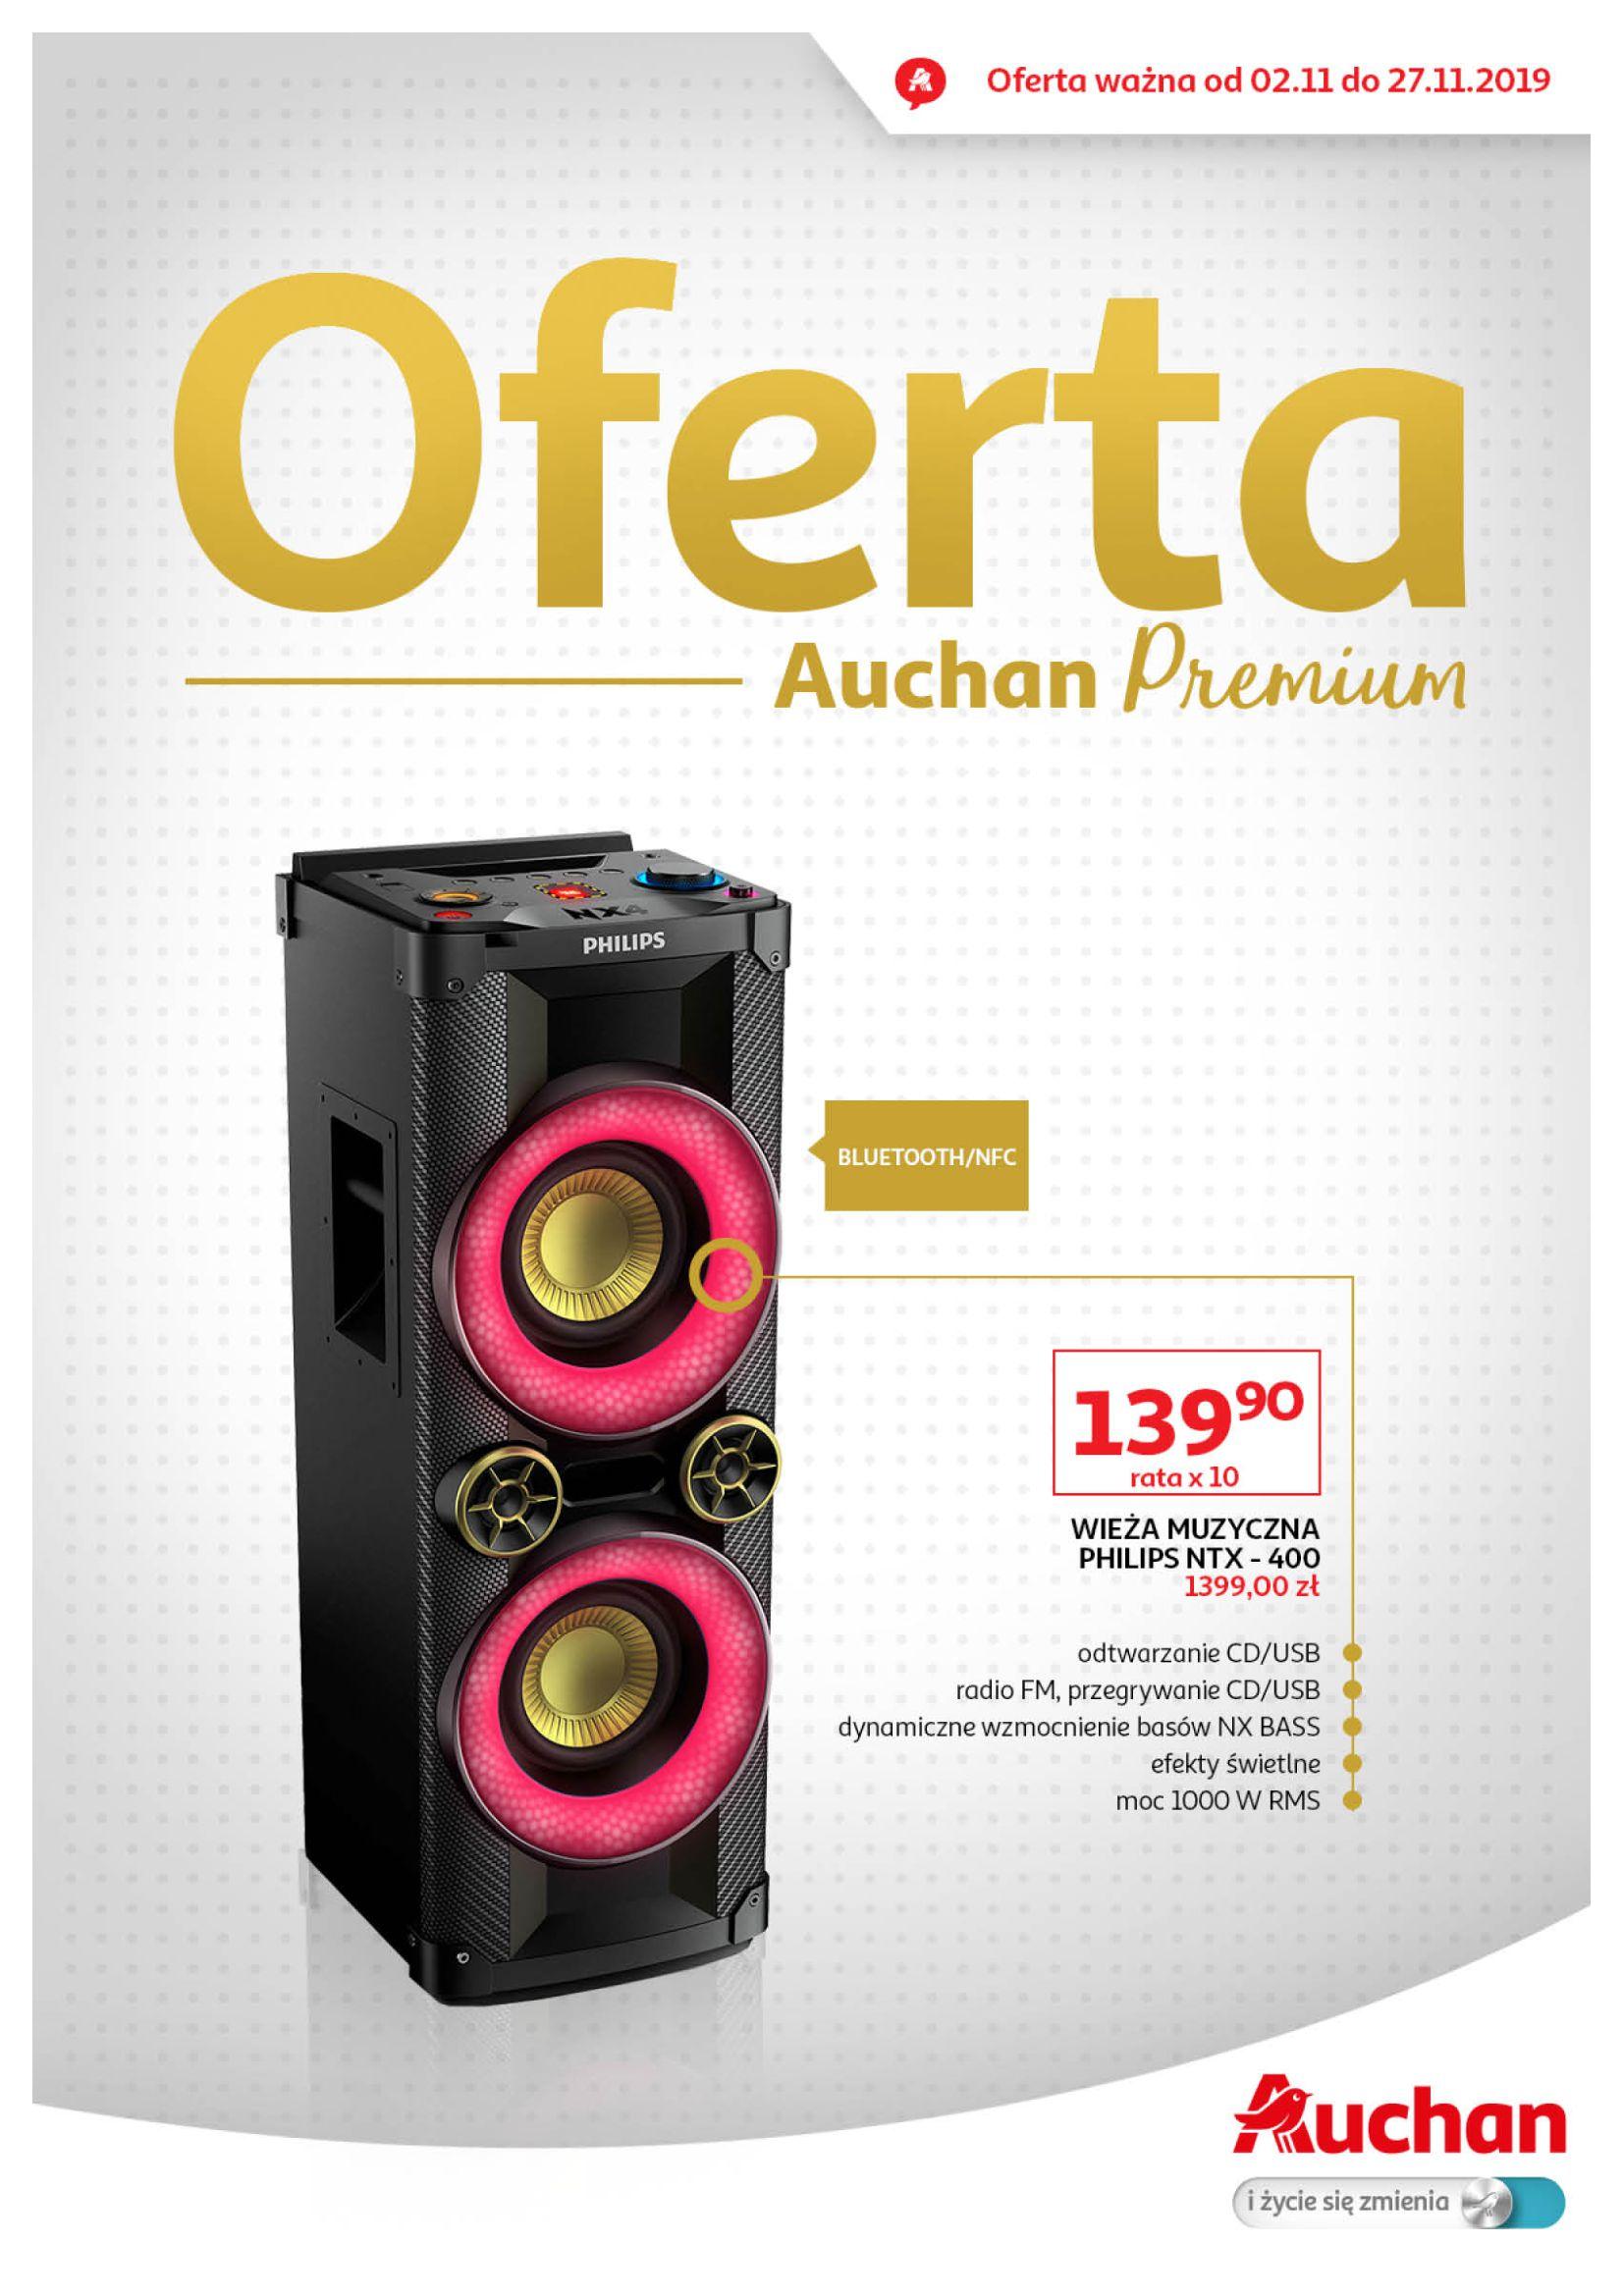 Gazetka Auchan - Oferta Auchan Premium Hipermarkety-01.11.2019-27.11.2019-page-1